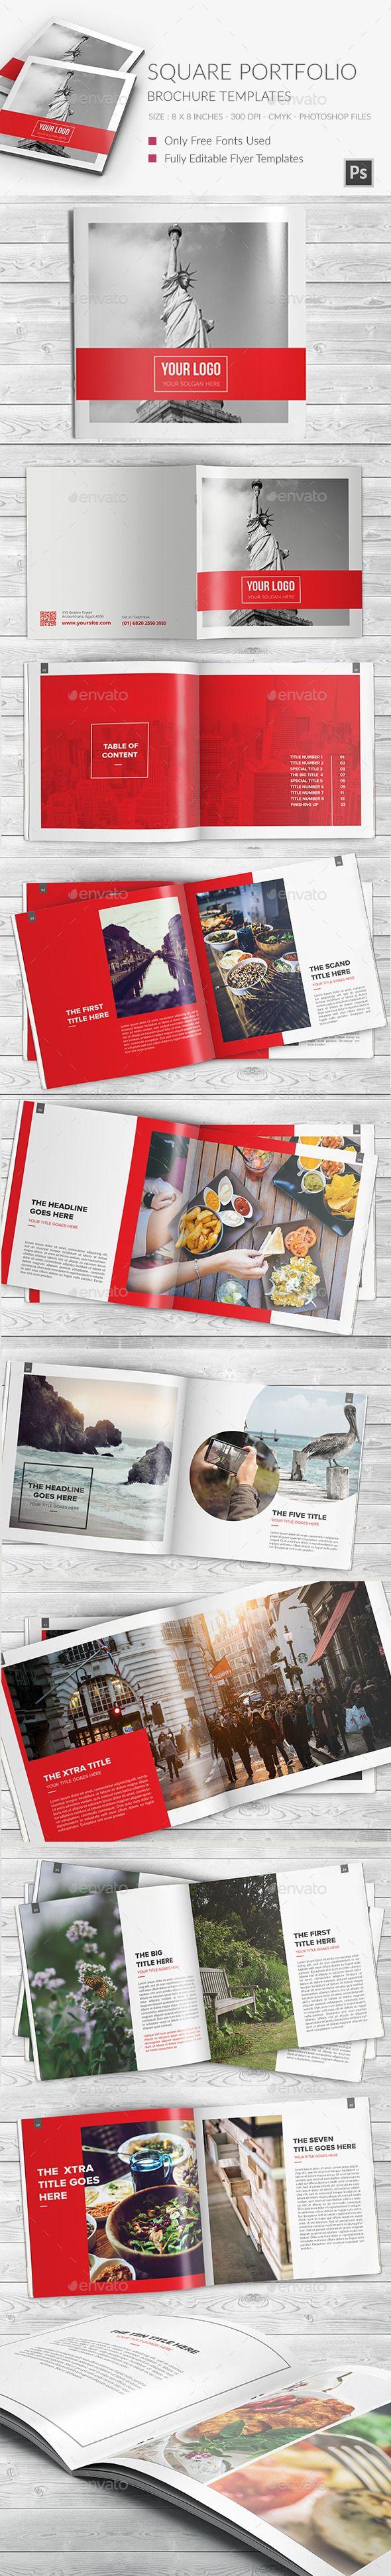 Square Portfolio Brochure Template Template #design #printdesign Download: http://graphicriver.net/item/square-portfolio-brochure-template/12086827?ref=ksioks